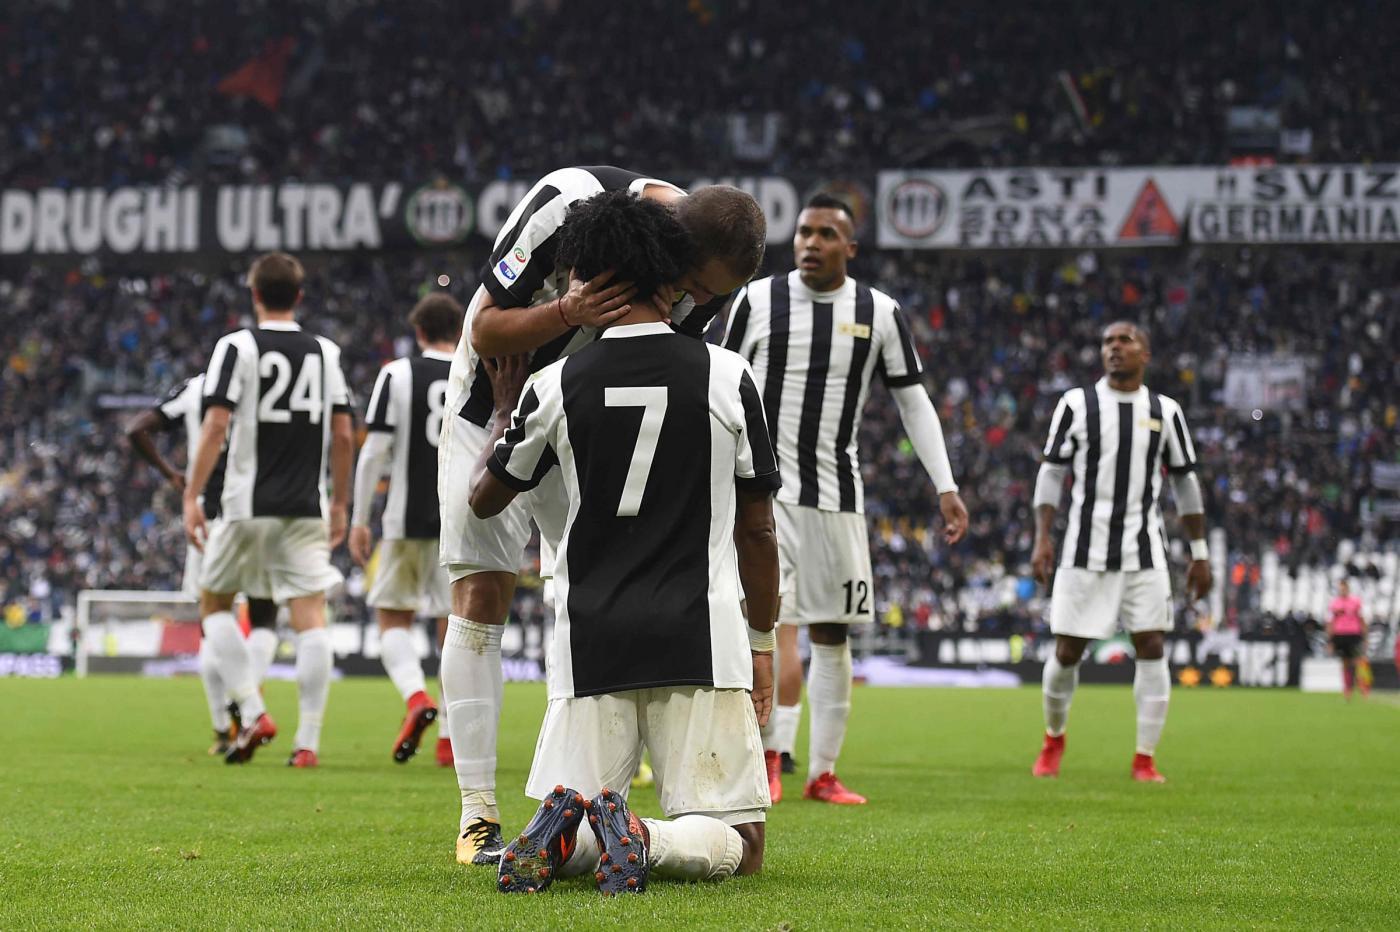 Serie A, Napoli frenato: Juventus e Roma si avvicinano